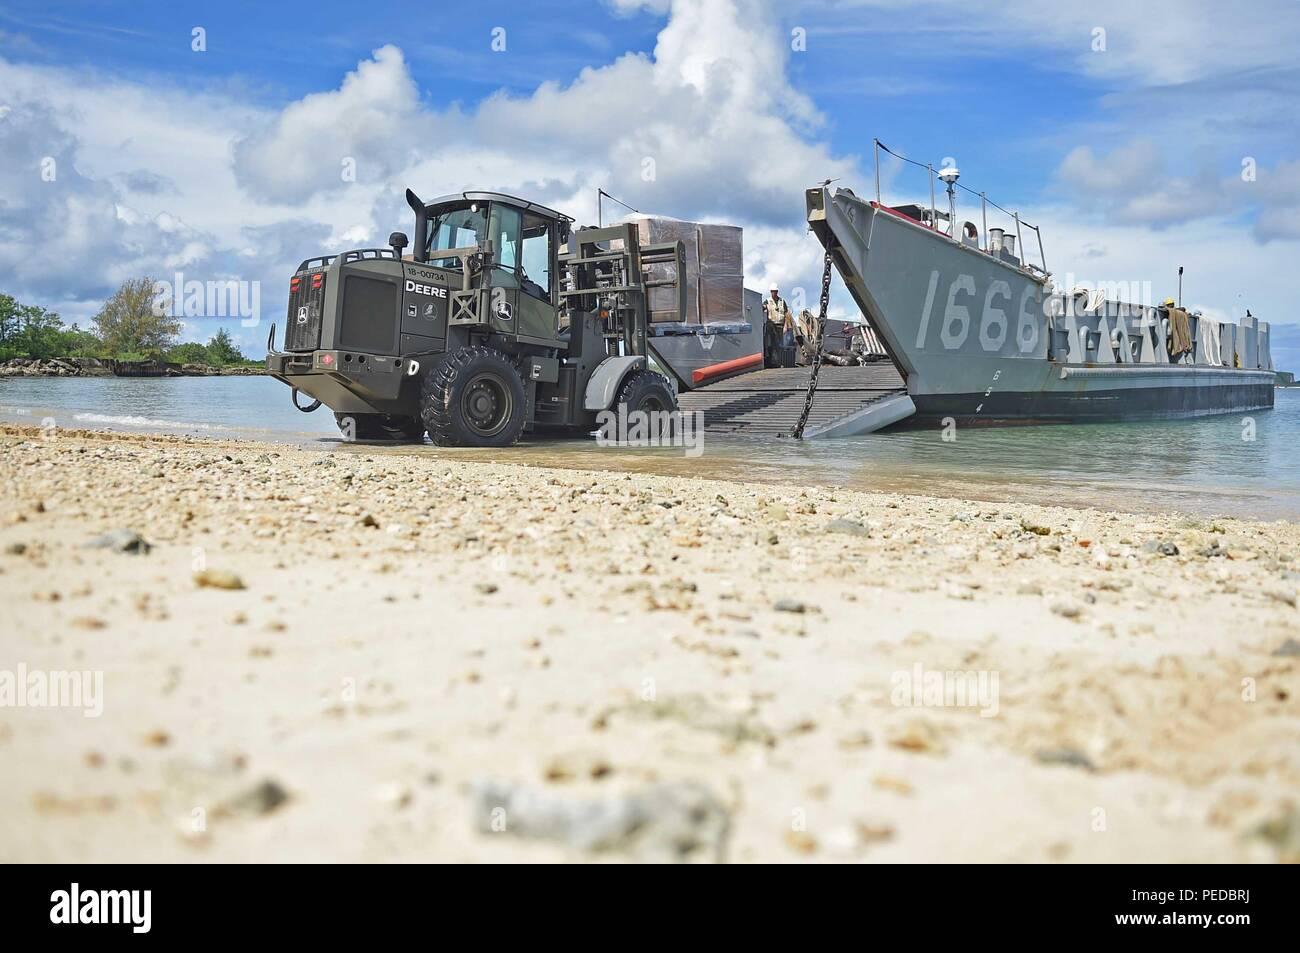 150810 N Km939 370 Reserve Craft Beach Guam Aug 10 2015 A